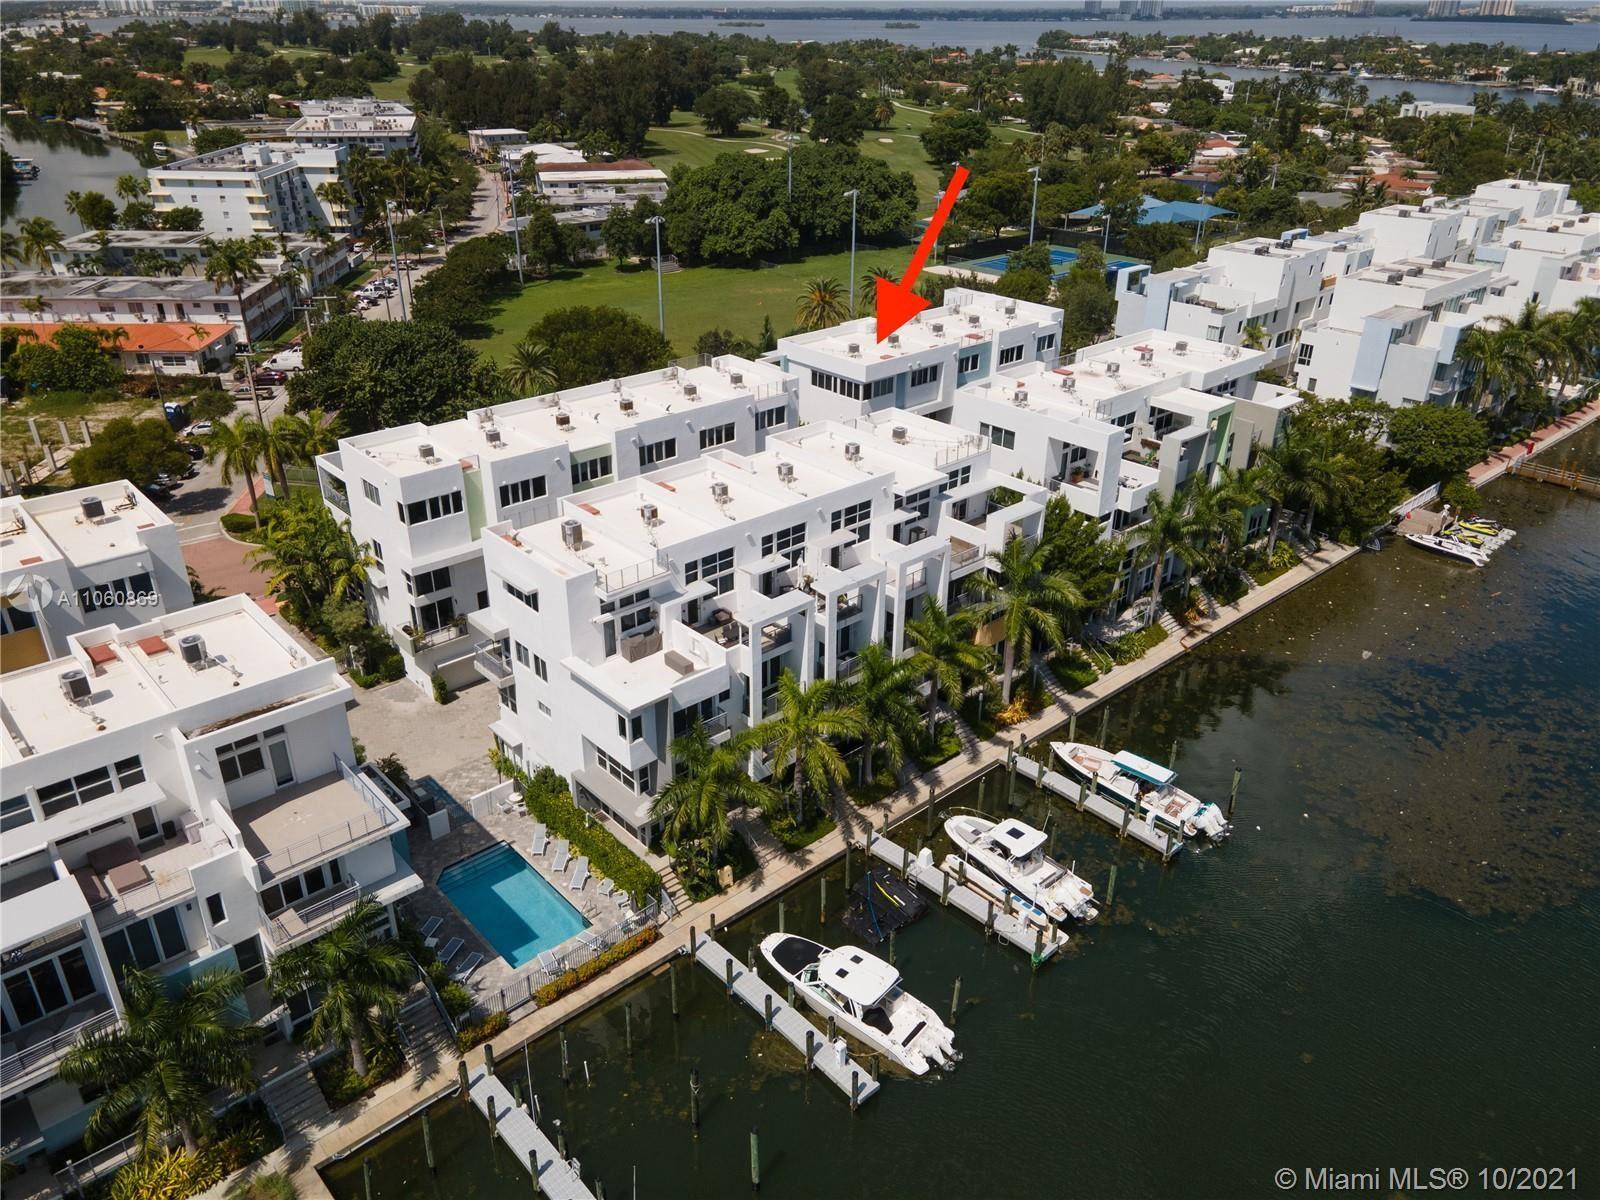 105 N Shore Dr, Miami Beach, FL 33141 - #: A11060869